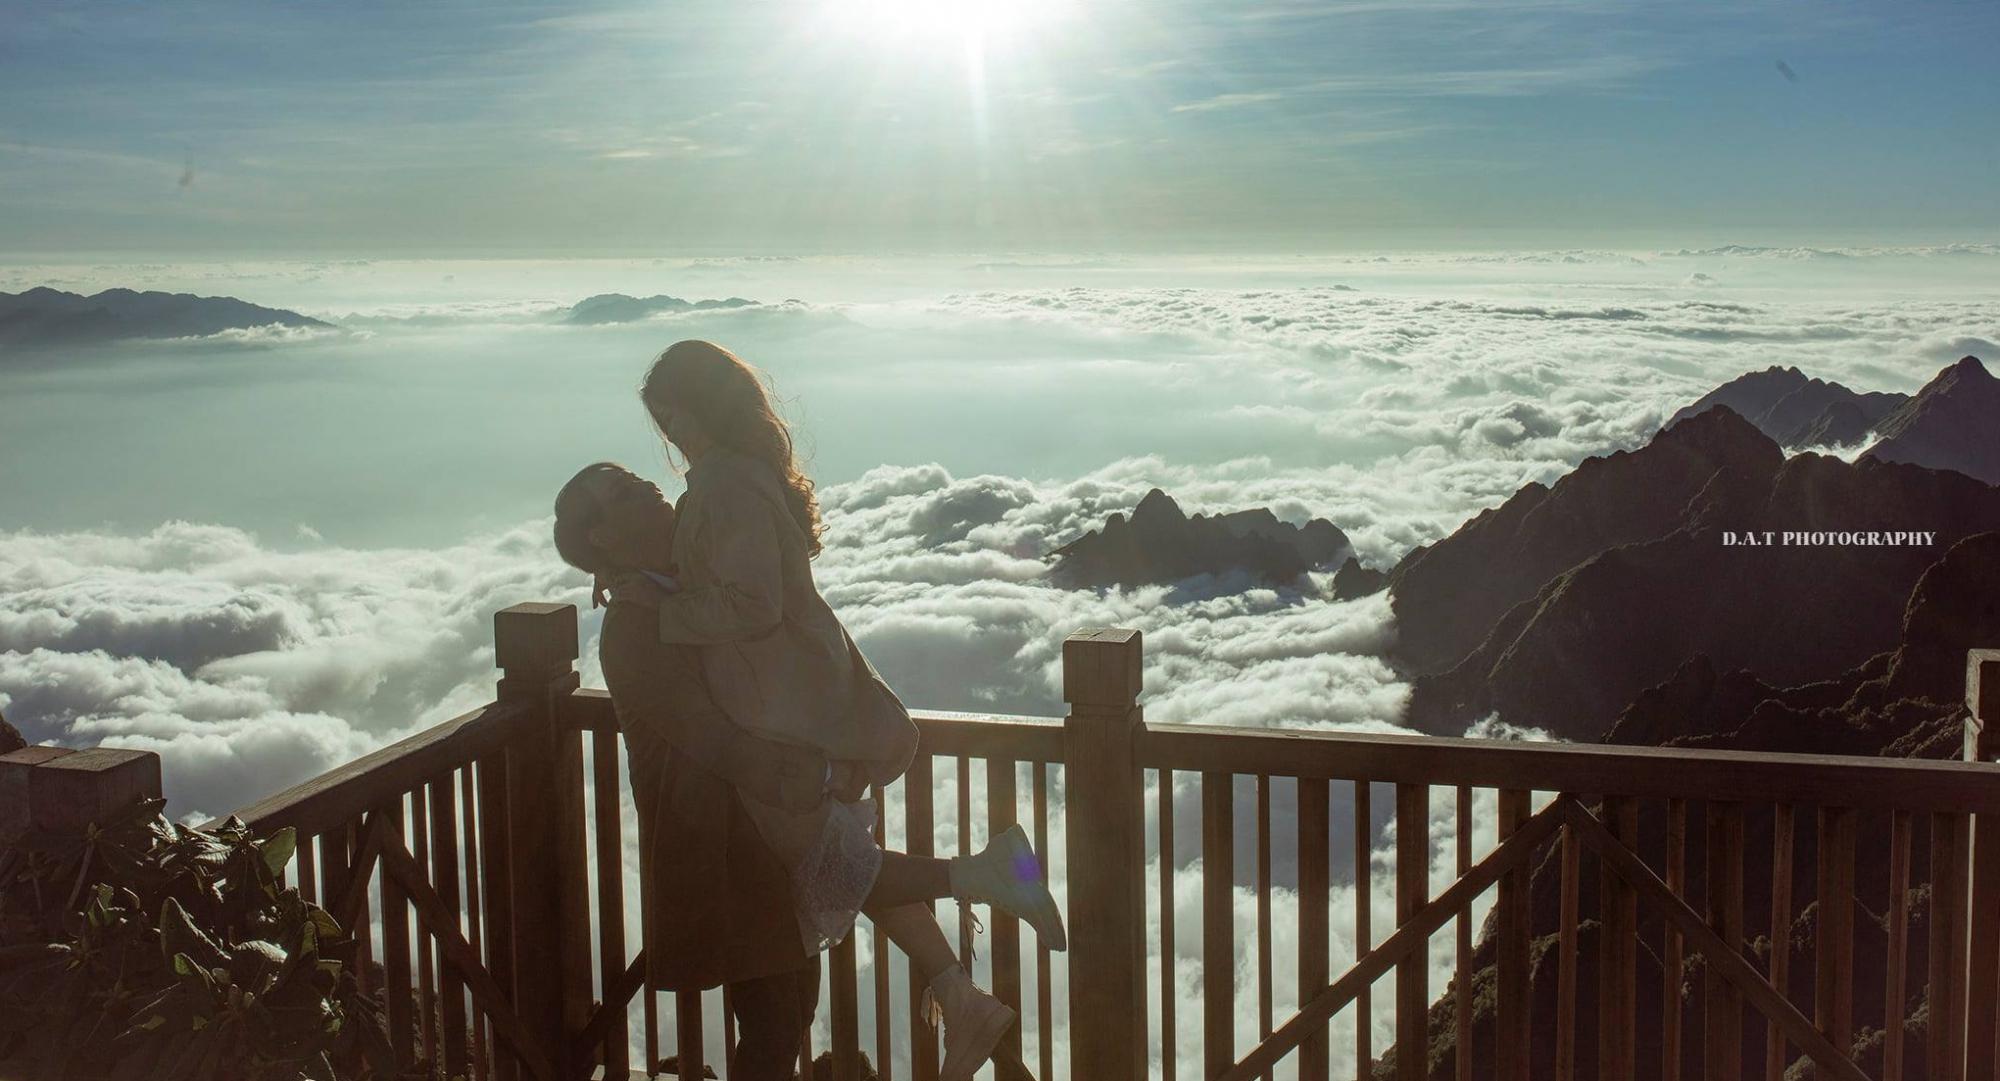 Săn mây trên nóc nhà Đông Dương